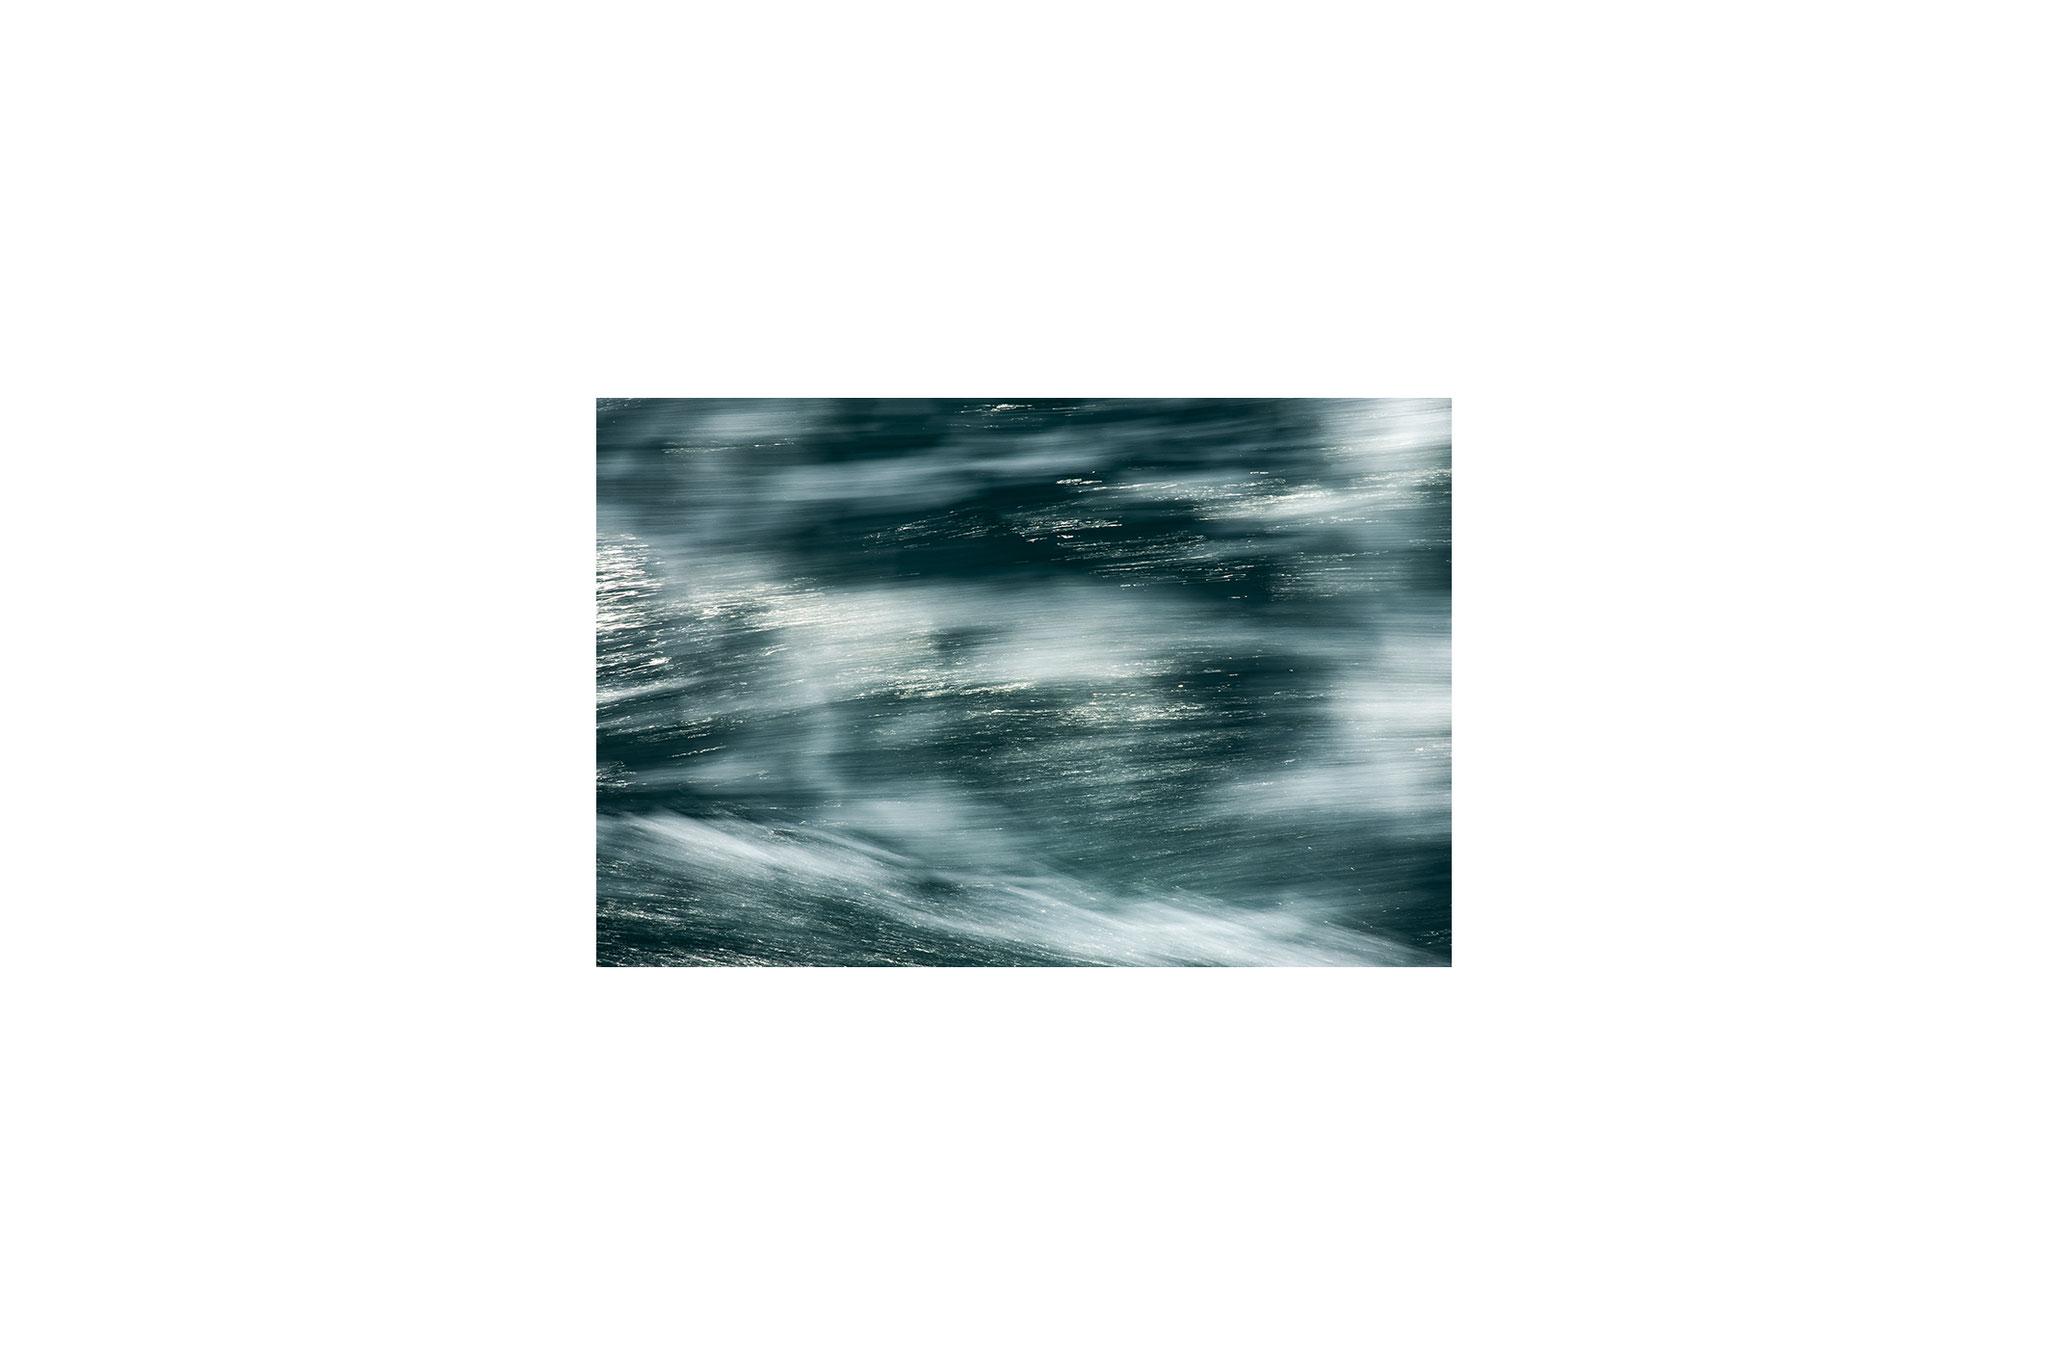 D XI /Acrylglas/12x18inch/2018/